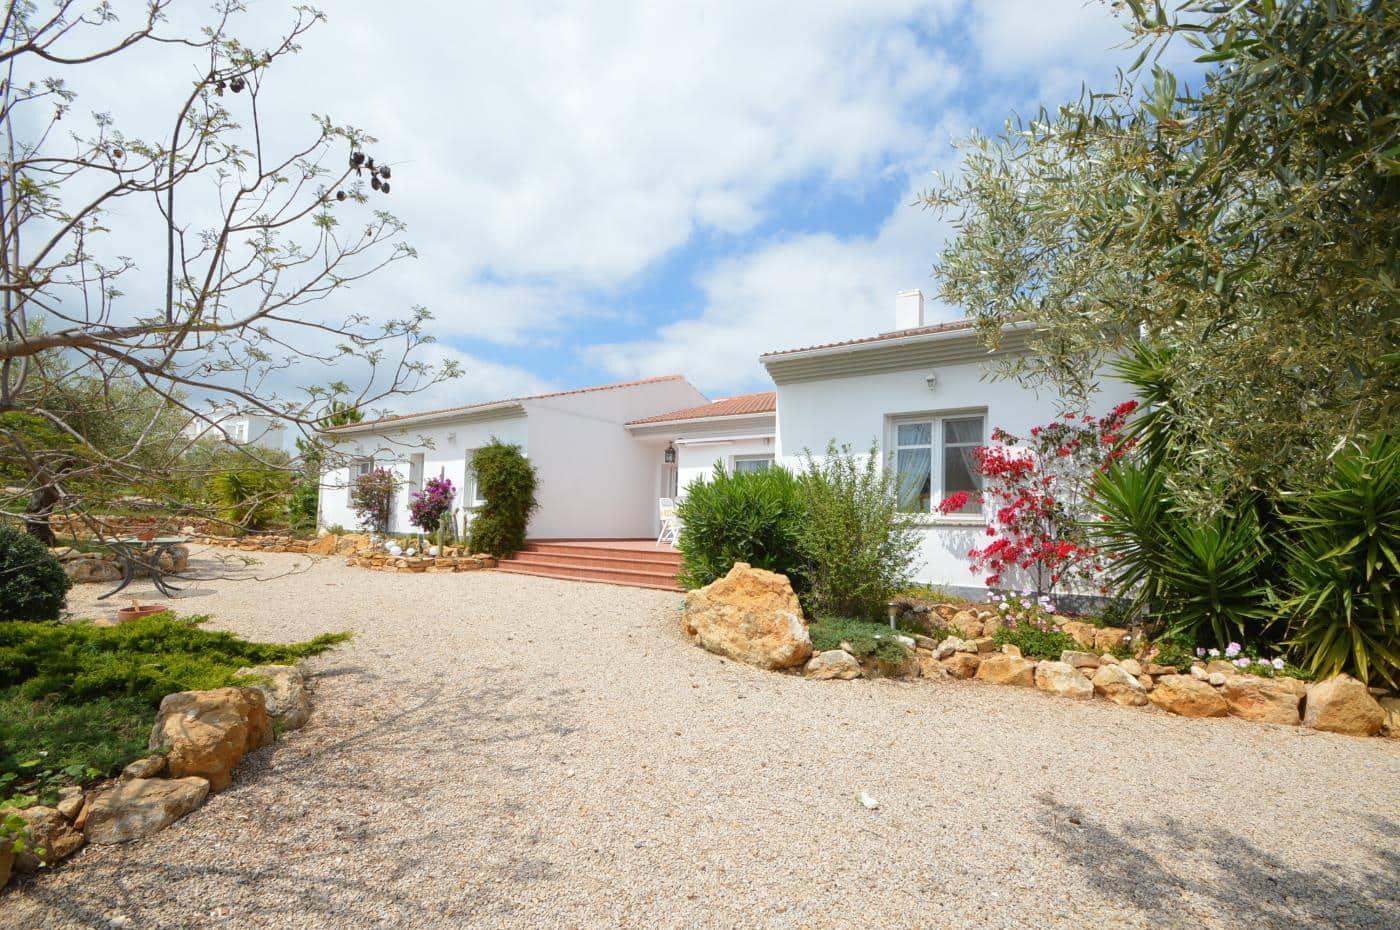 Chalet de 4 habitaciones en Sant Jordi en venta con piscina garaje - 330.000 € (Ref: 4690500)